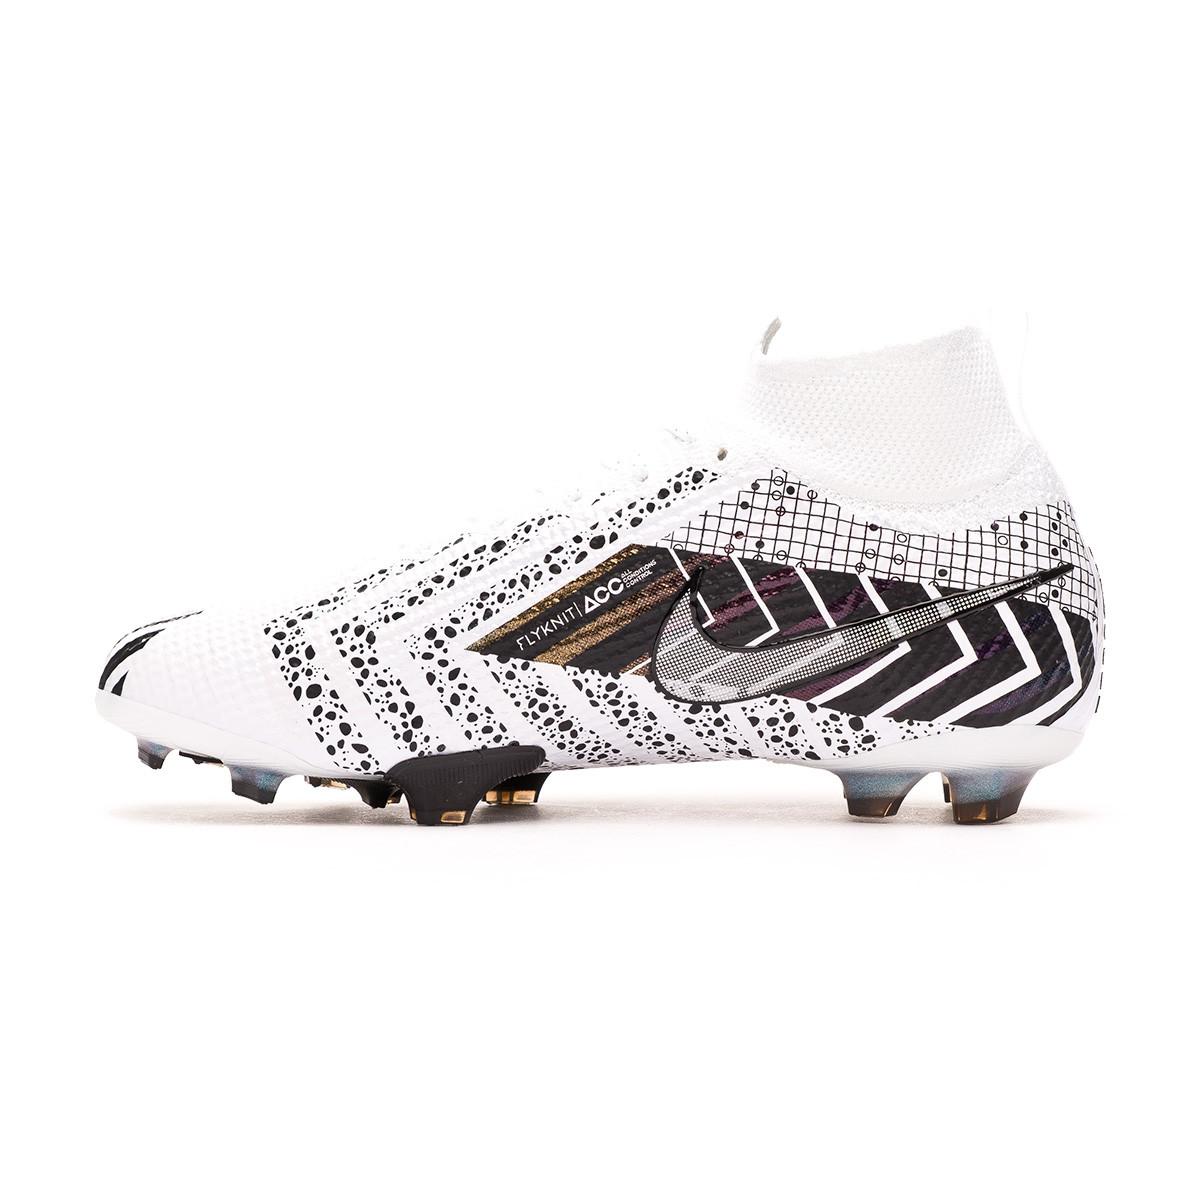 vestido para jugar tubería  Bota de fútbol Nike Mercurial Superfly VII Elite MDS FG Niño White-Black -  Tienda de fútbol Fútbol Emotion